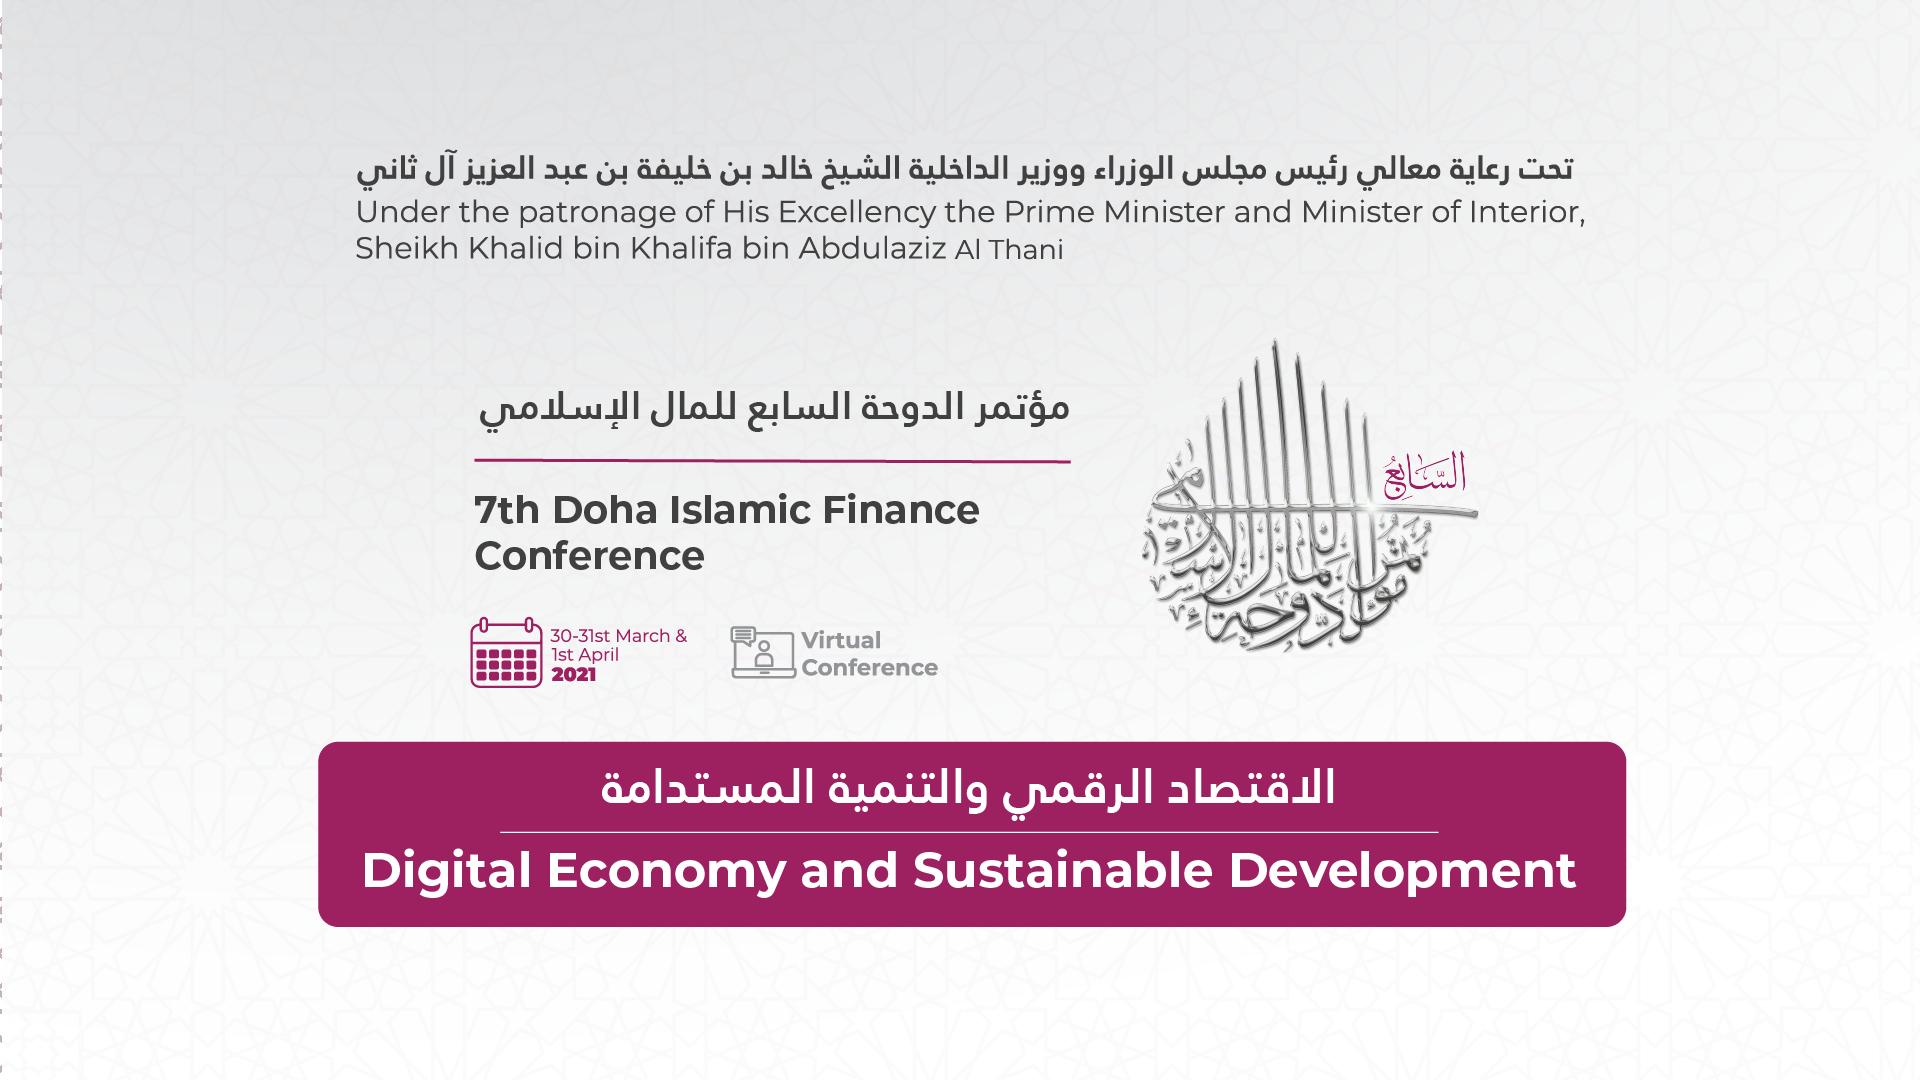 بيت المشورة تنظم مؤتمر الدوحة السابع للمال الإسلامي